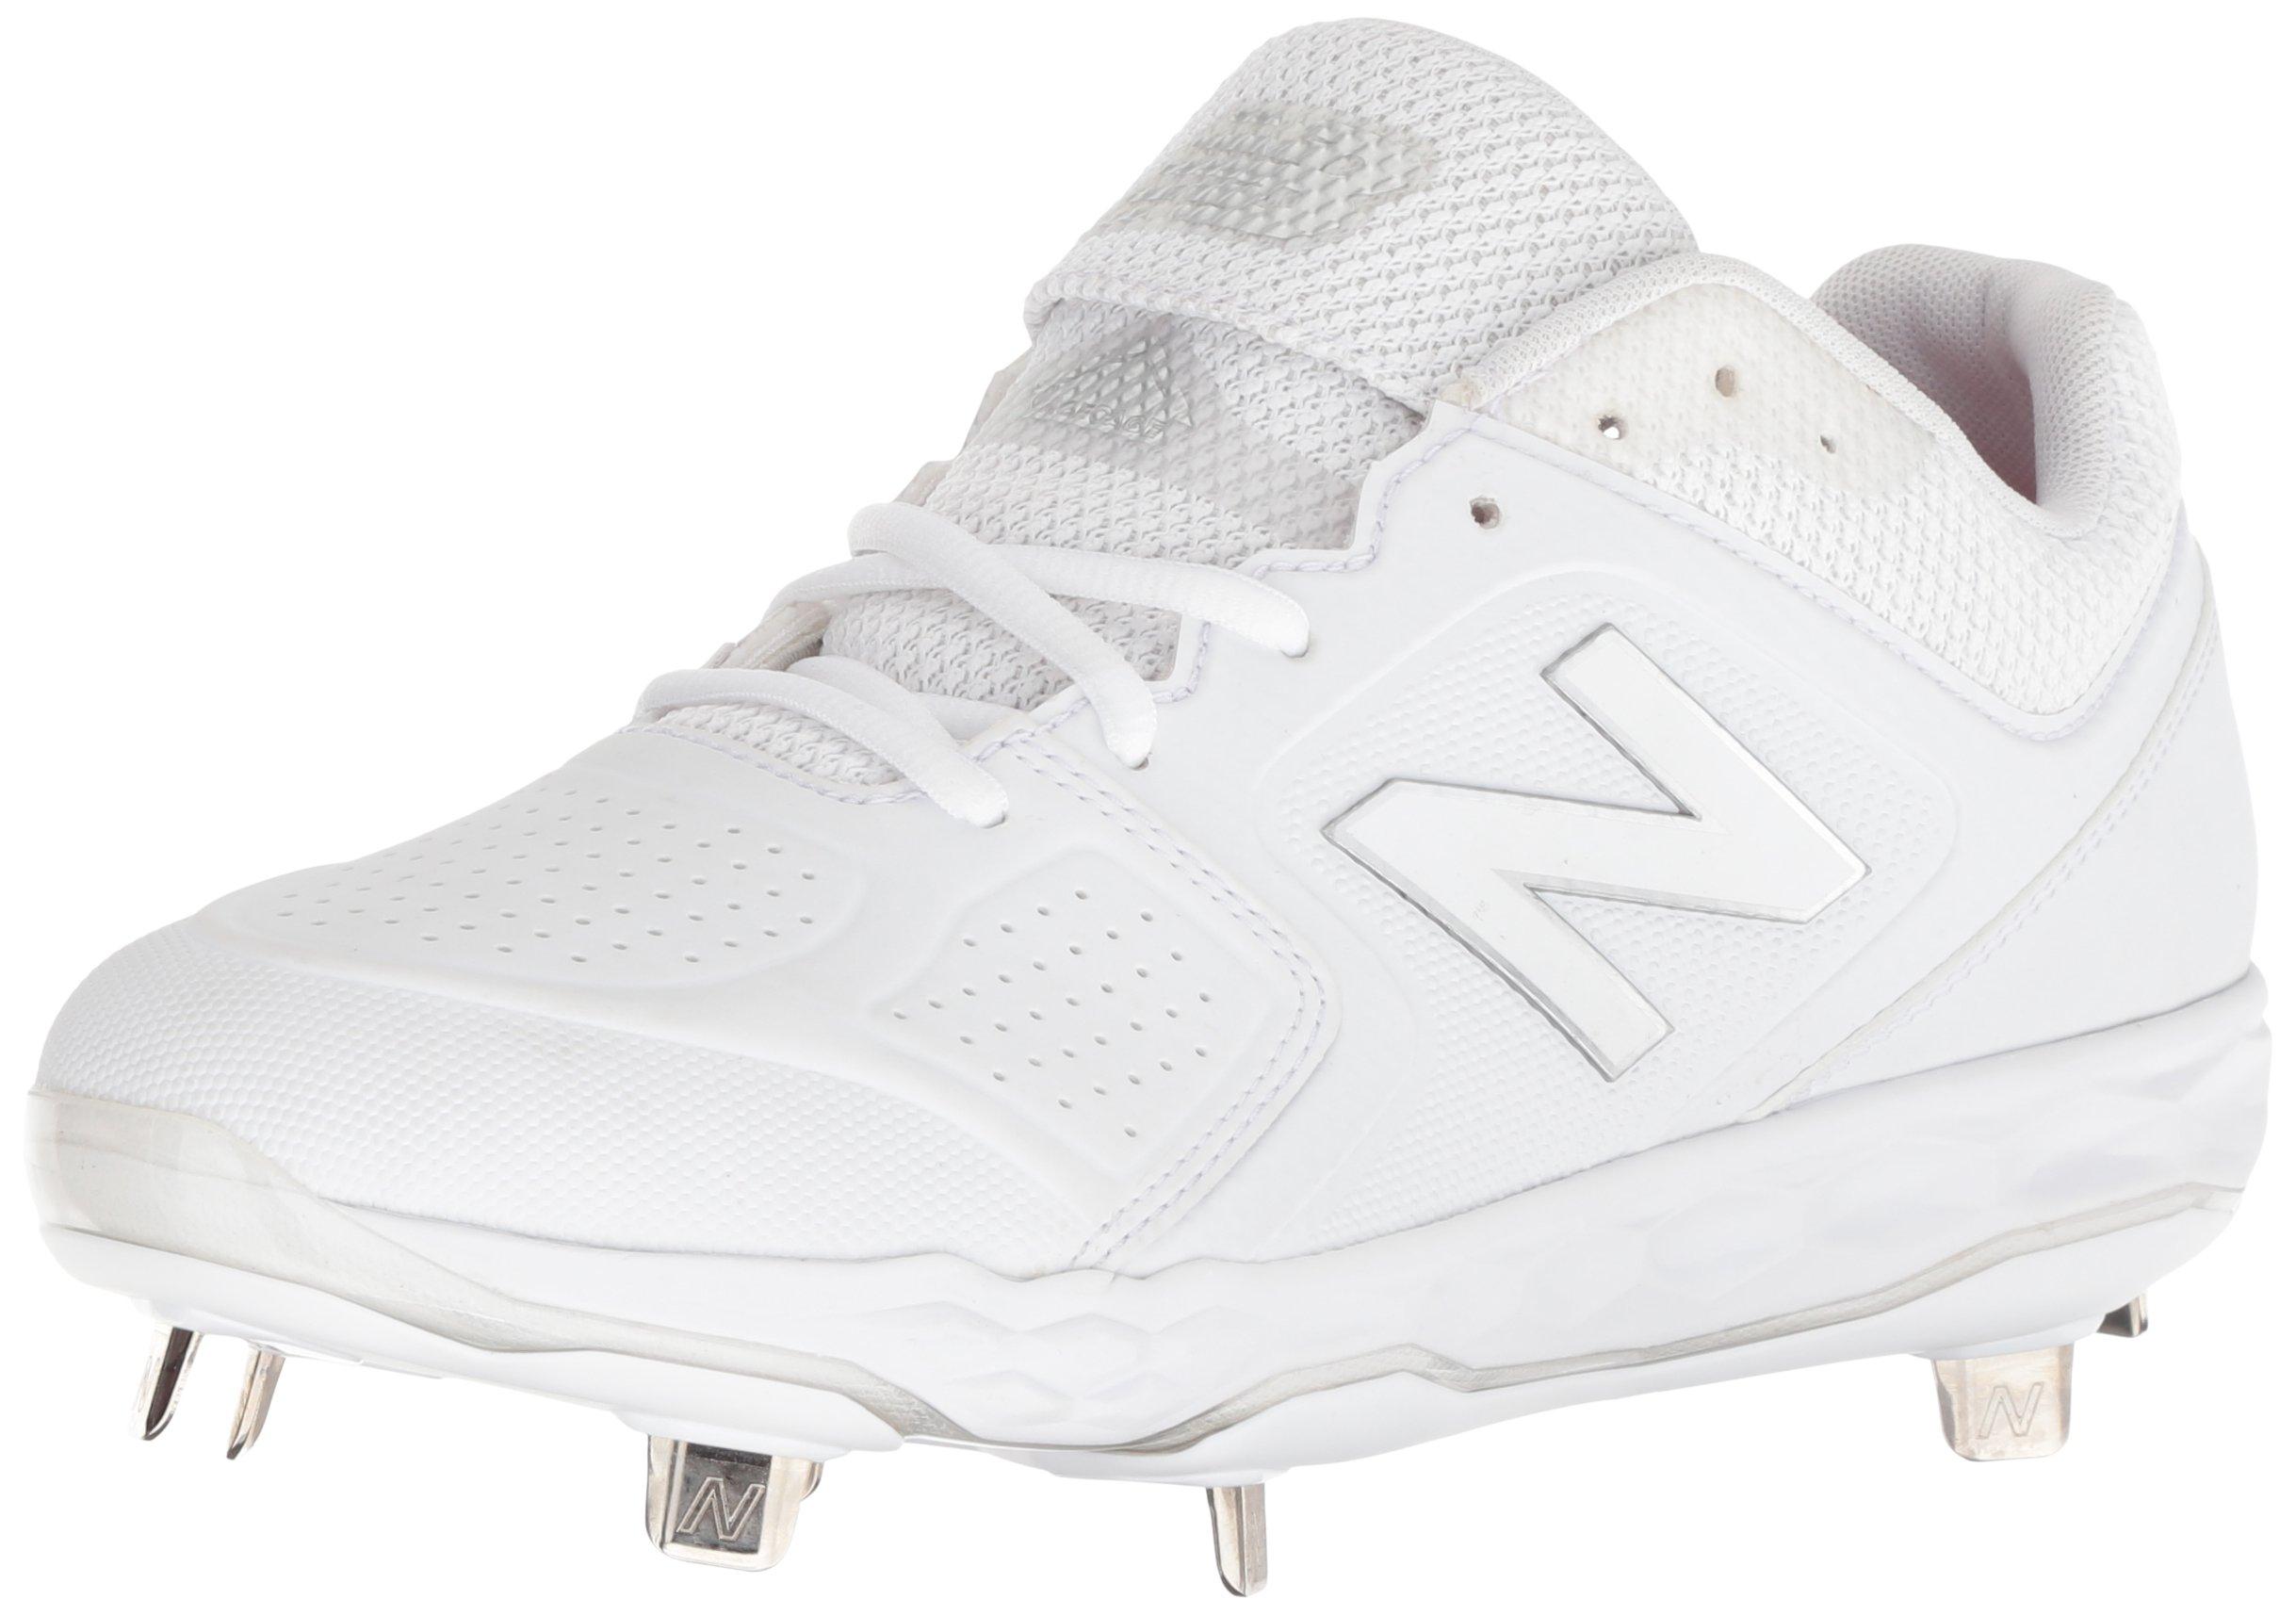 New Balance Women's Velo V1 Metal Softball Shoe White, 7.5 D US